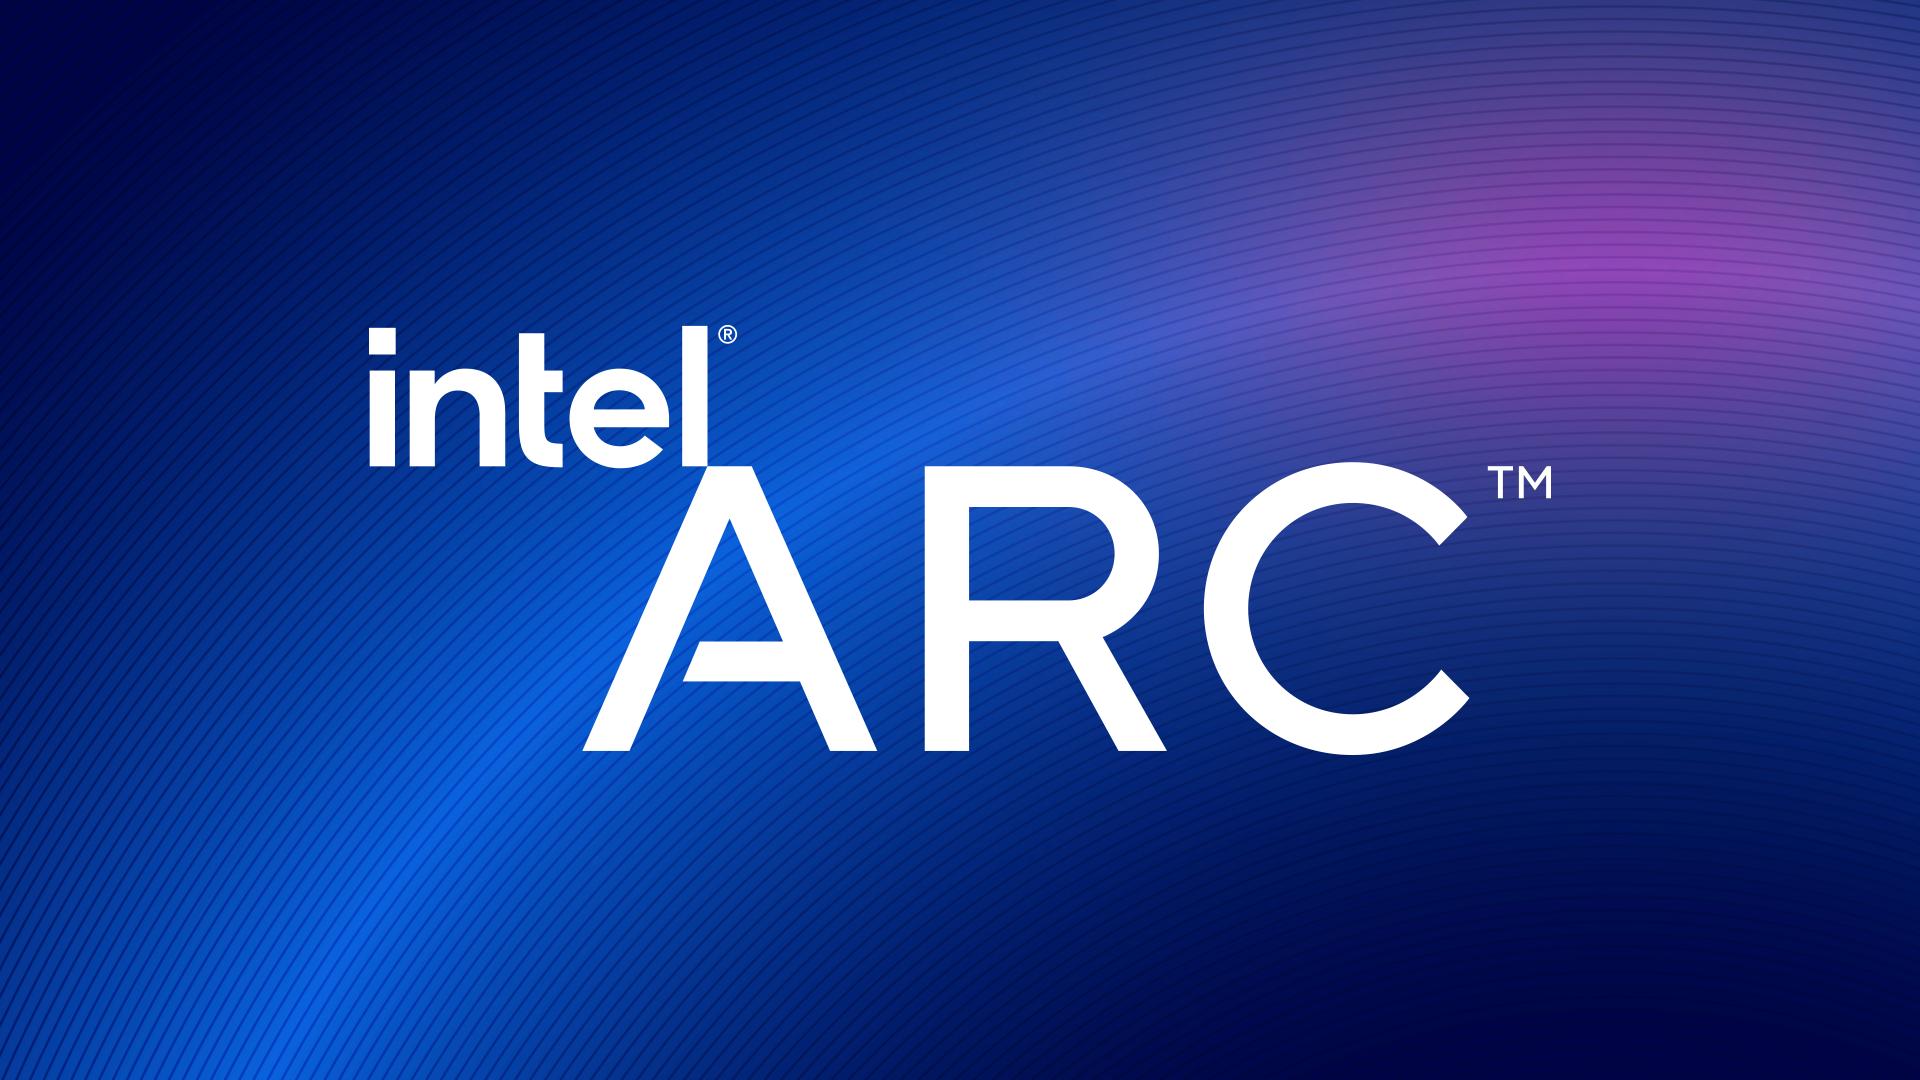 Intel Arc Full HD